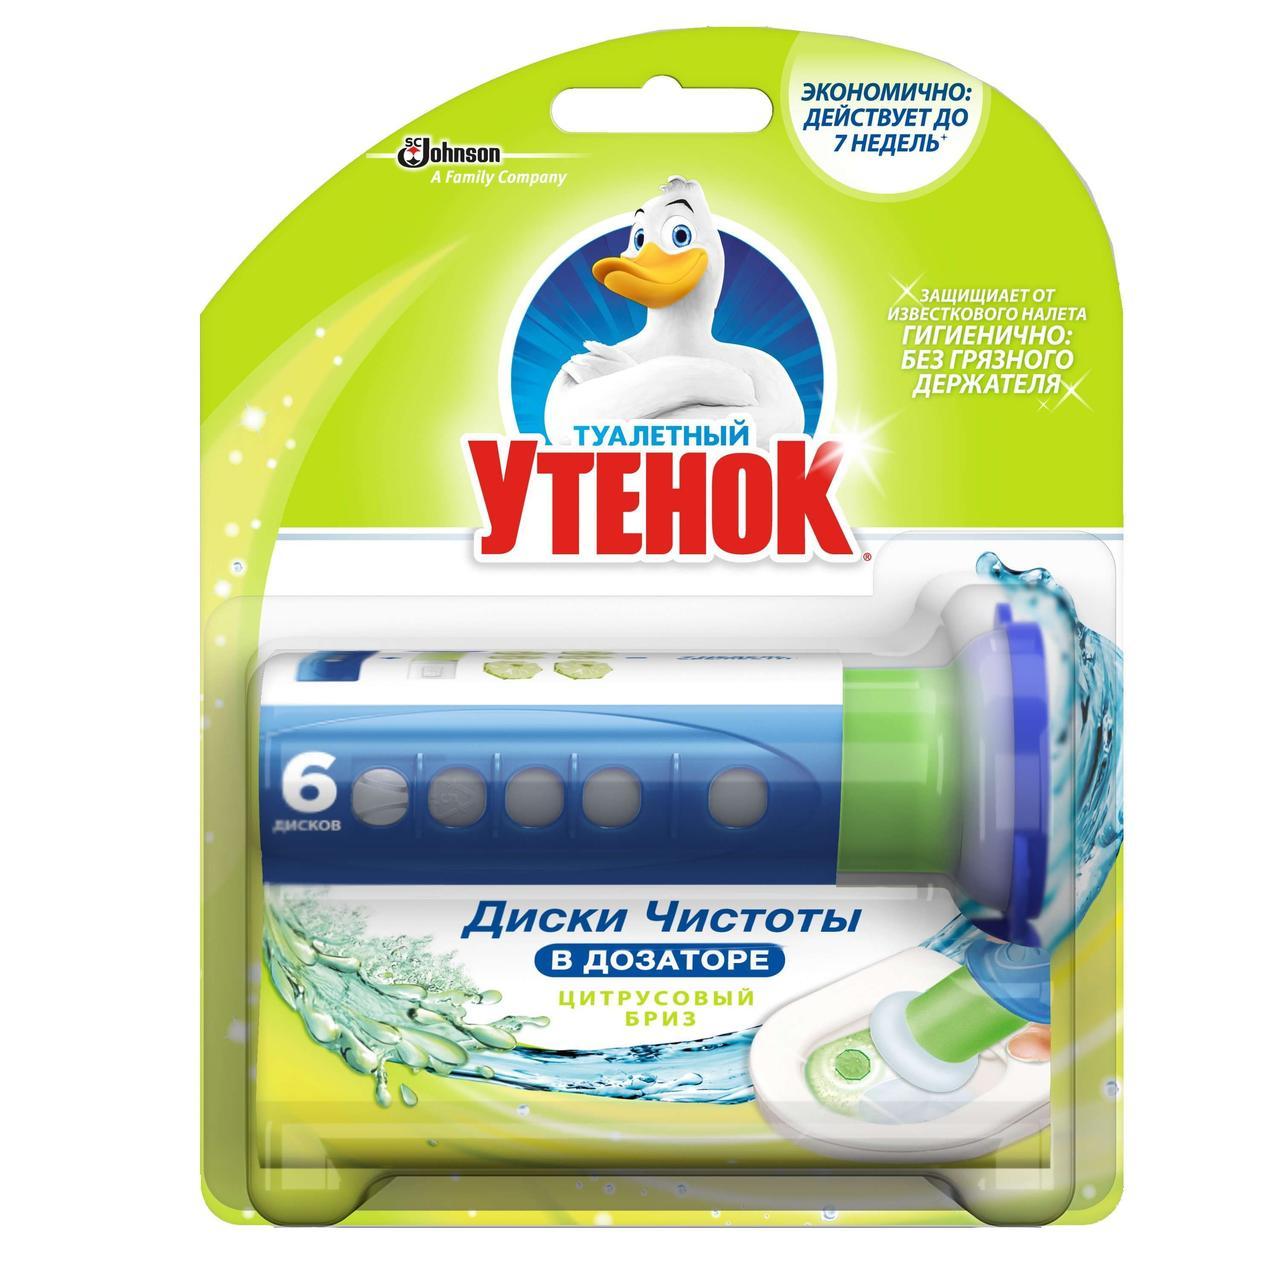 Диски чистоты Туалетный утенок для унитазов, писуаров цитрус